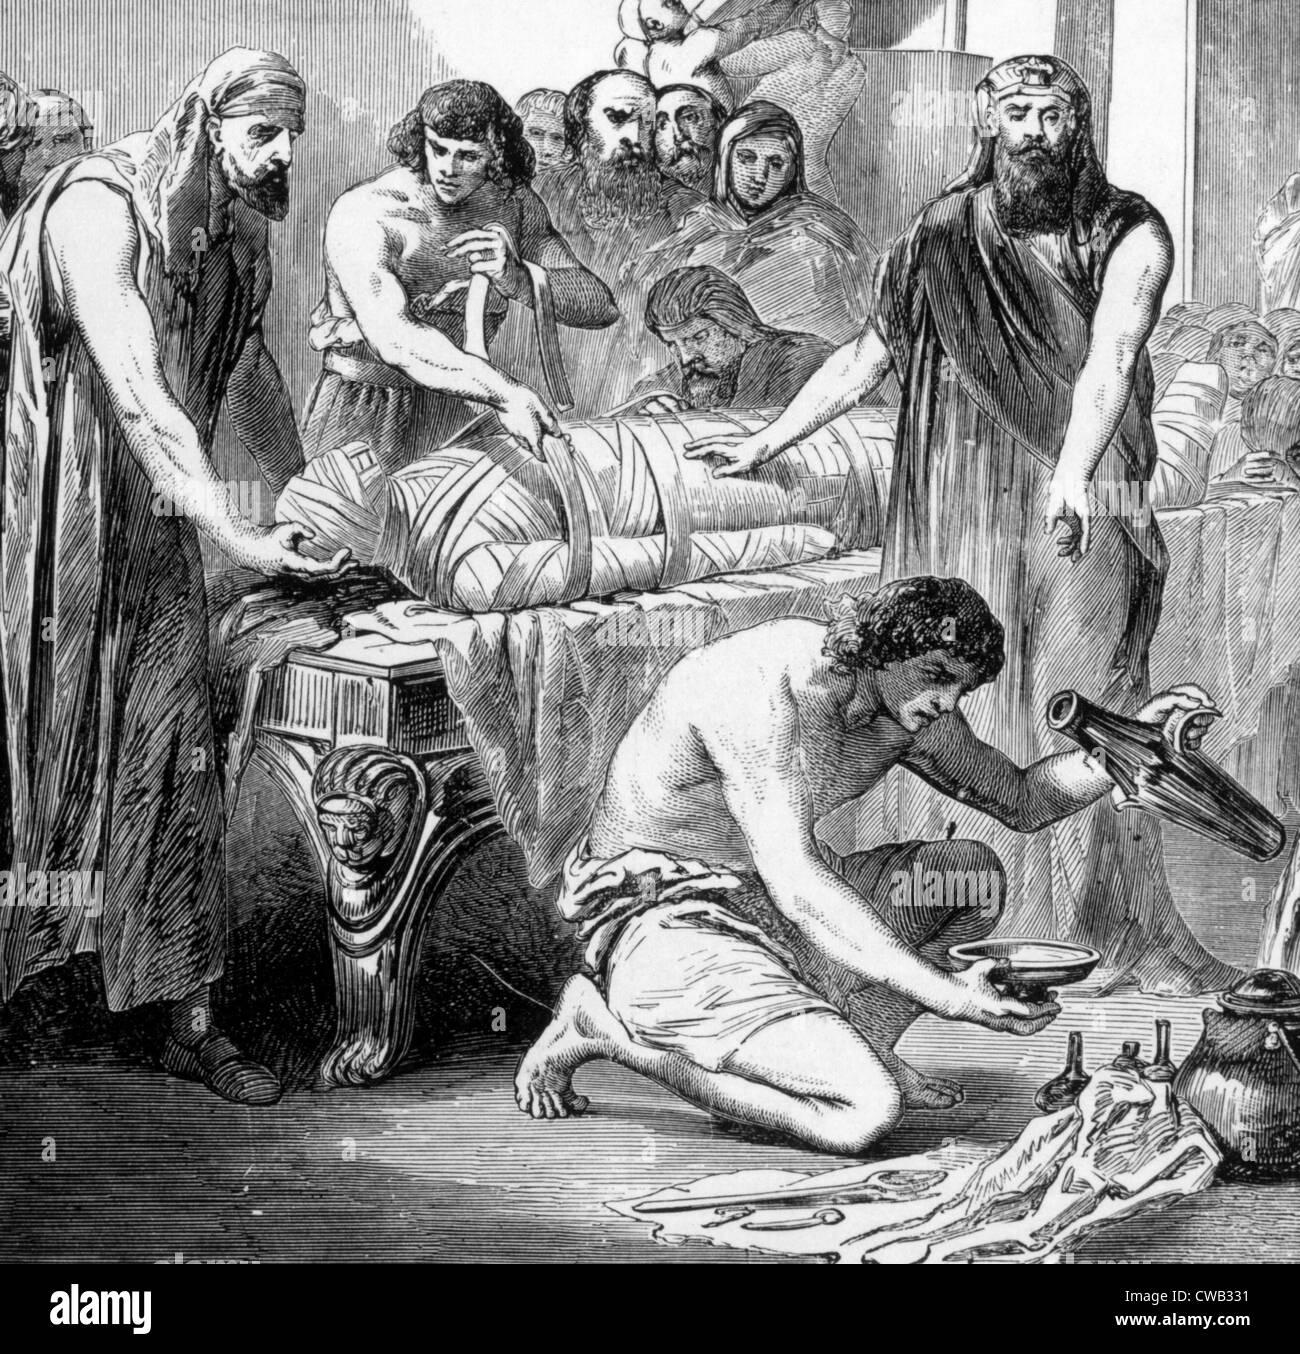 Imbalsamazione nell antico Egitto, incisione 1892 Immagini Stock